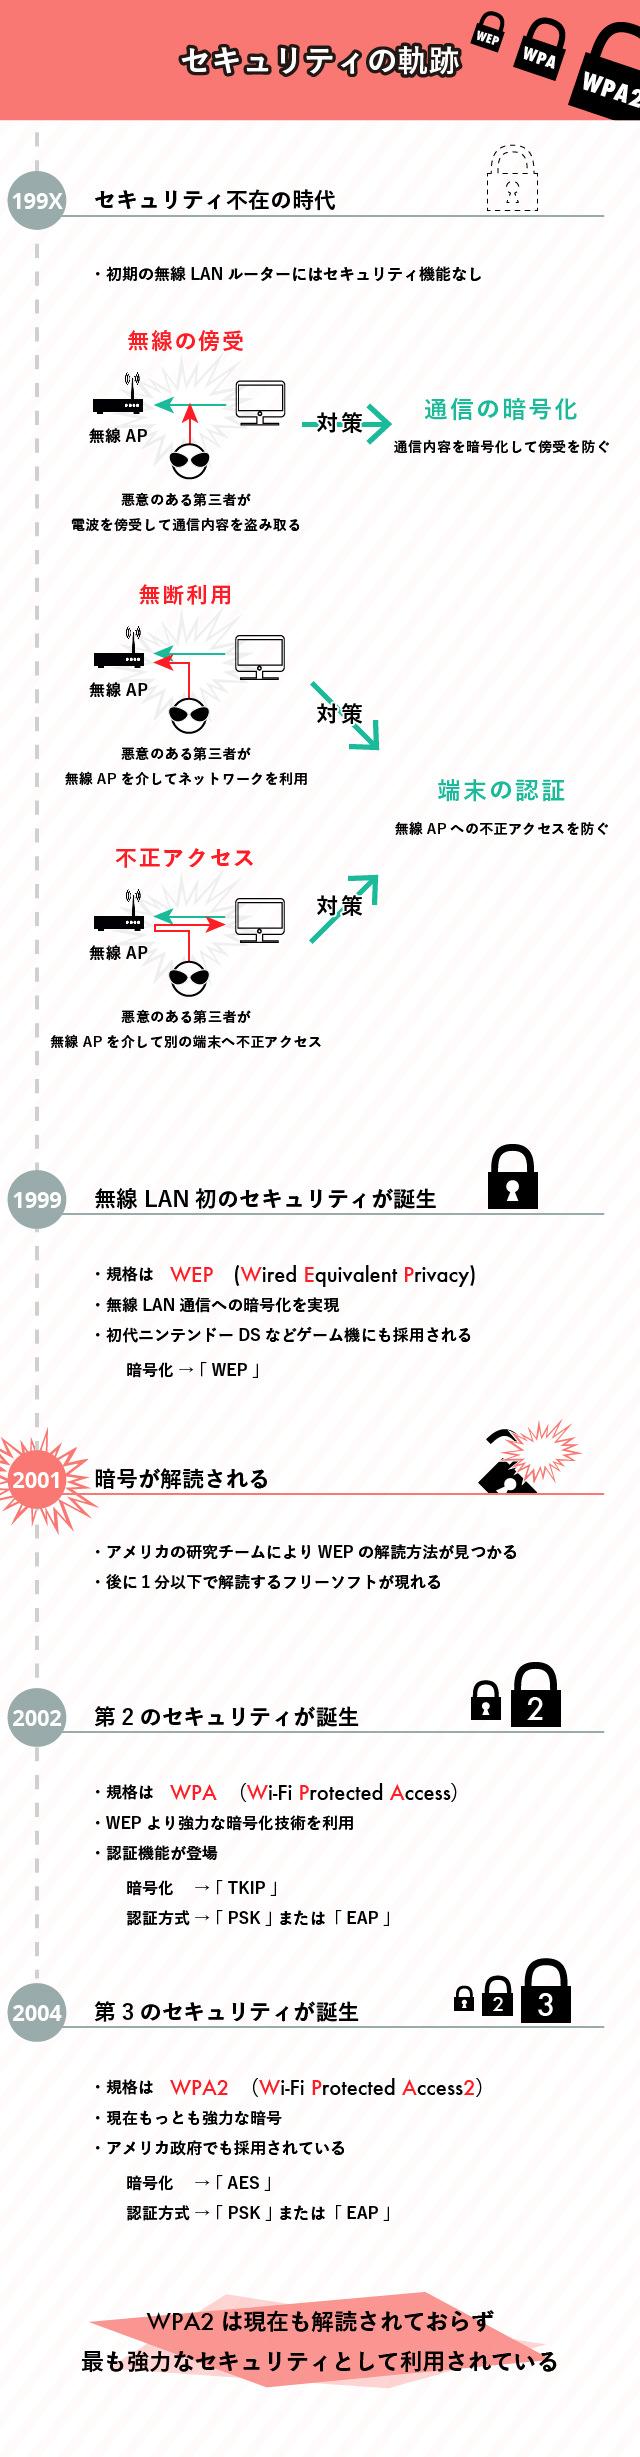 infographic_v4-01